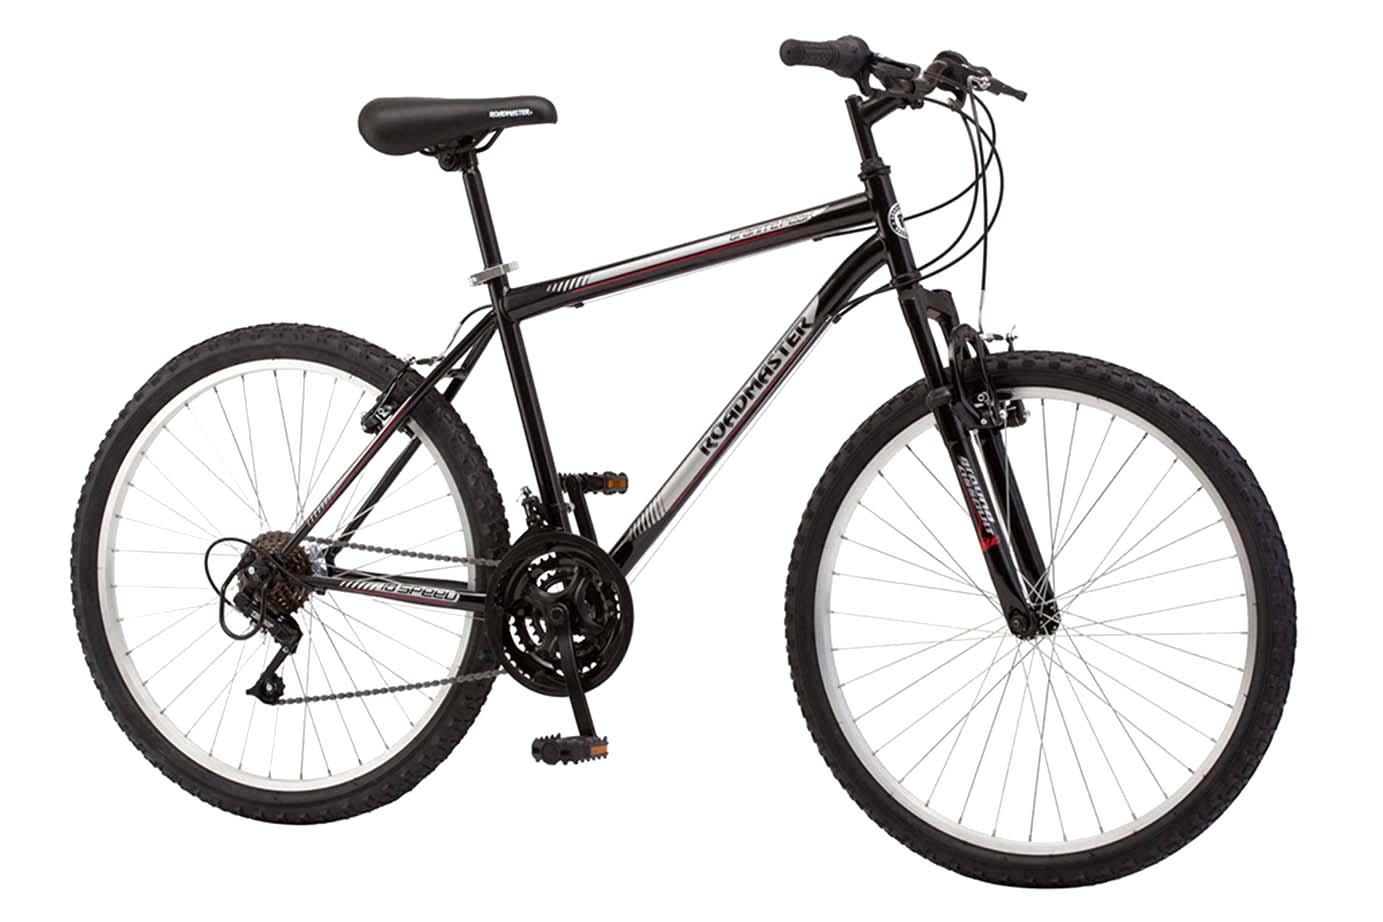 Mountain Bike - 3.5 stars - $103